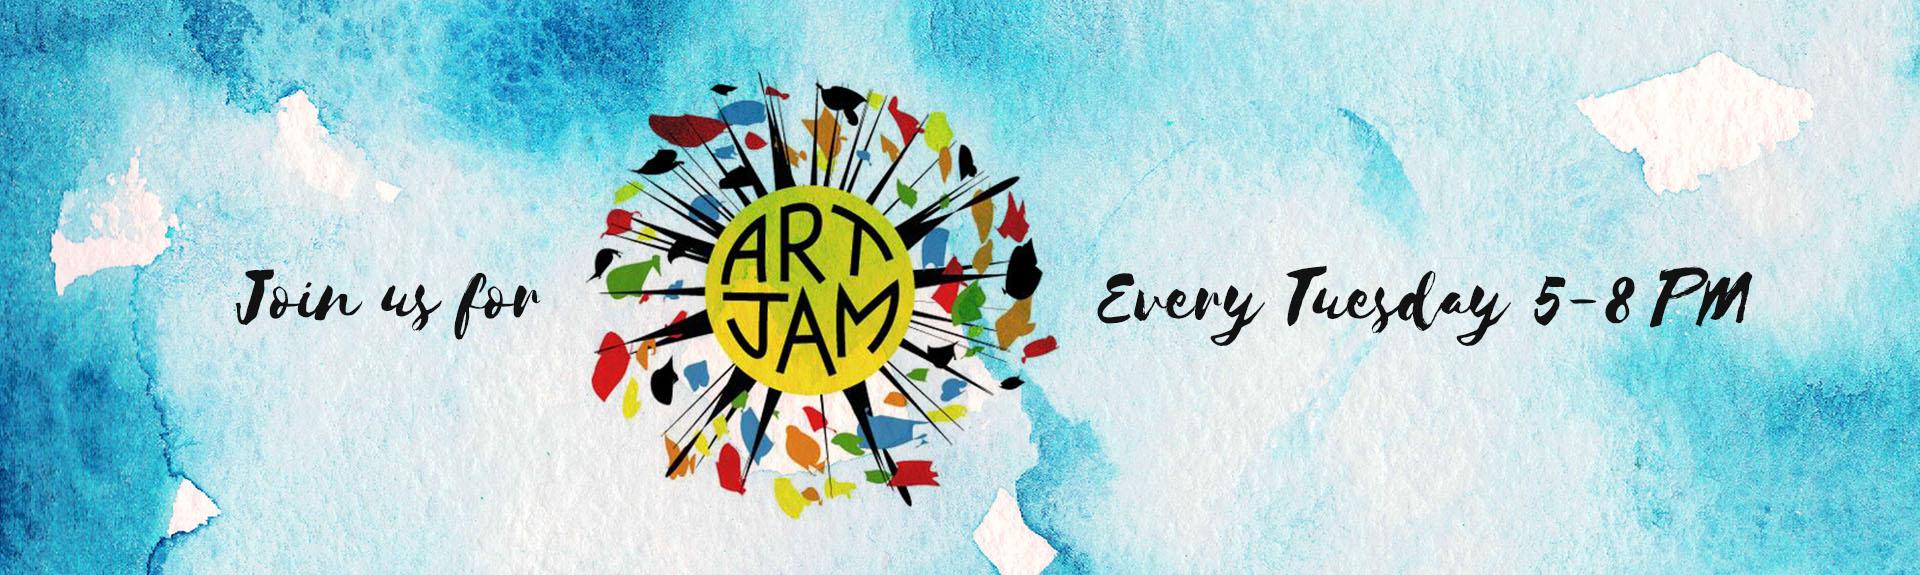 Art Jam Page Image